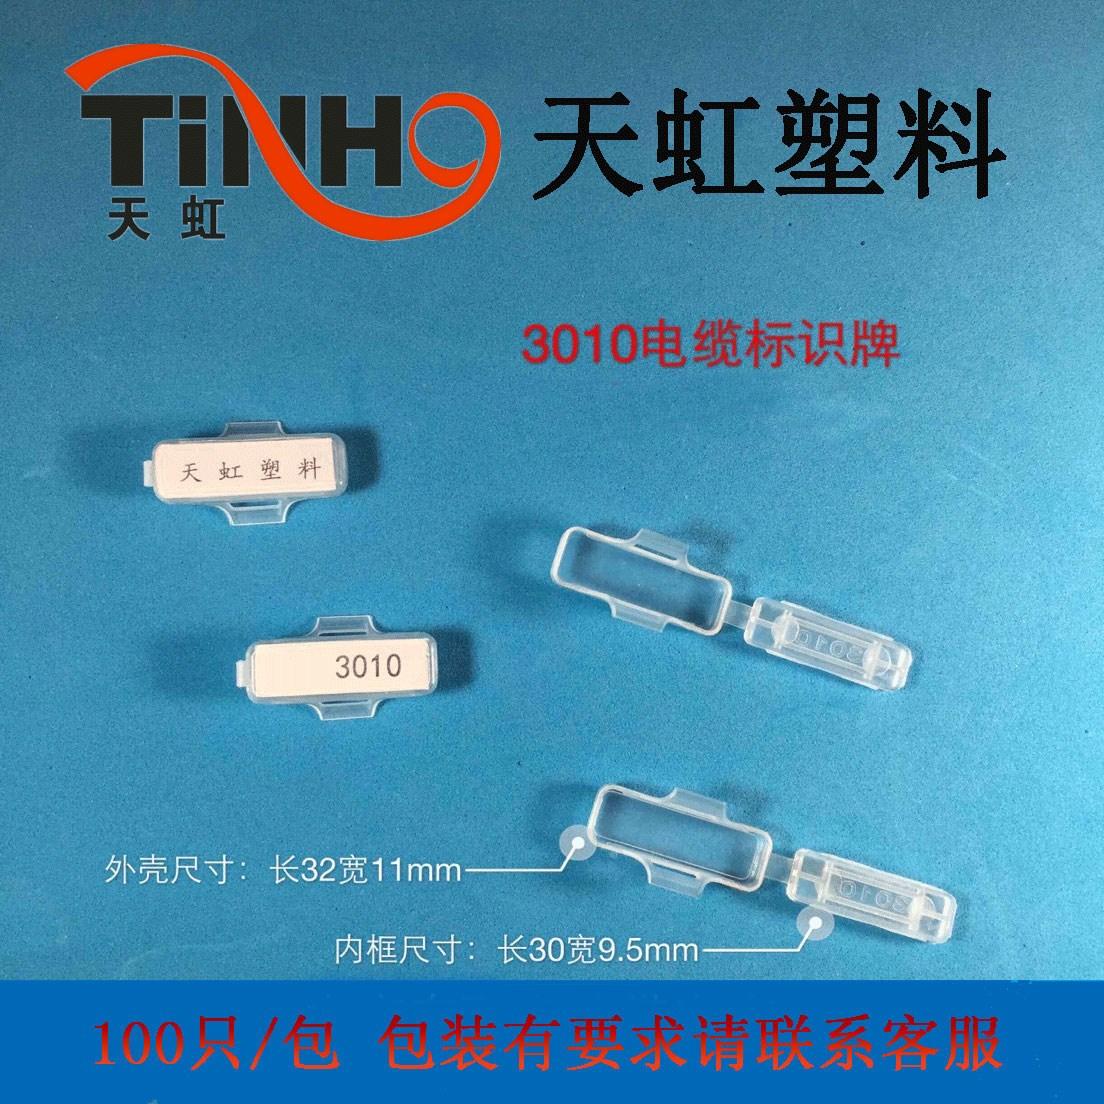 3010防水透明保护盖线标电缆标牌标志牌标识框标示挂牌标签盒MC-1